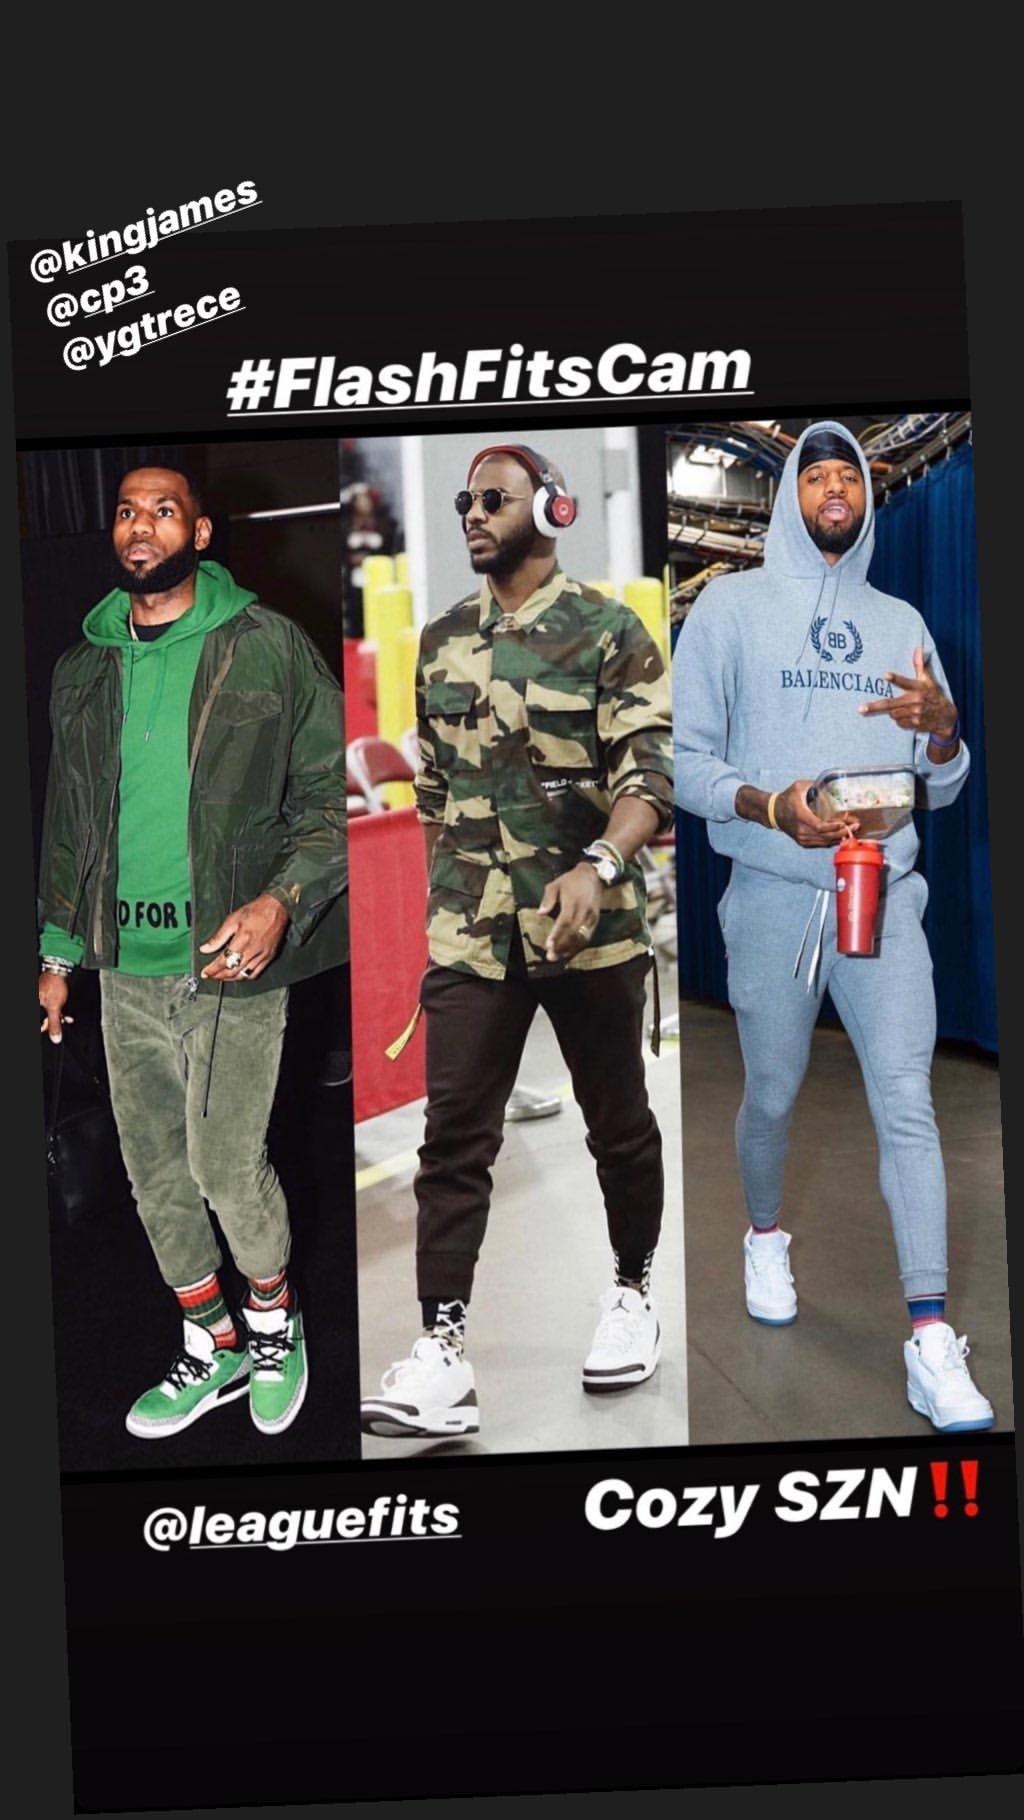 在社交网站发布球员们的时尚入场照,